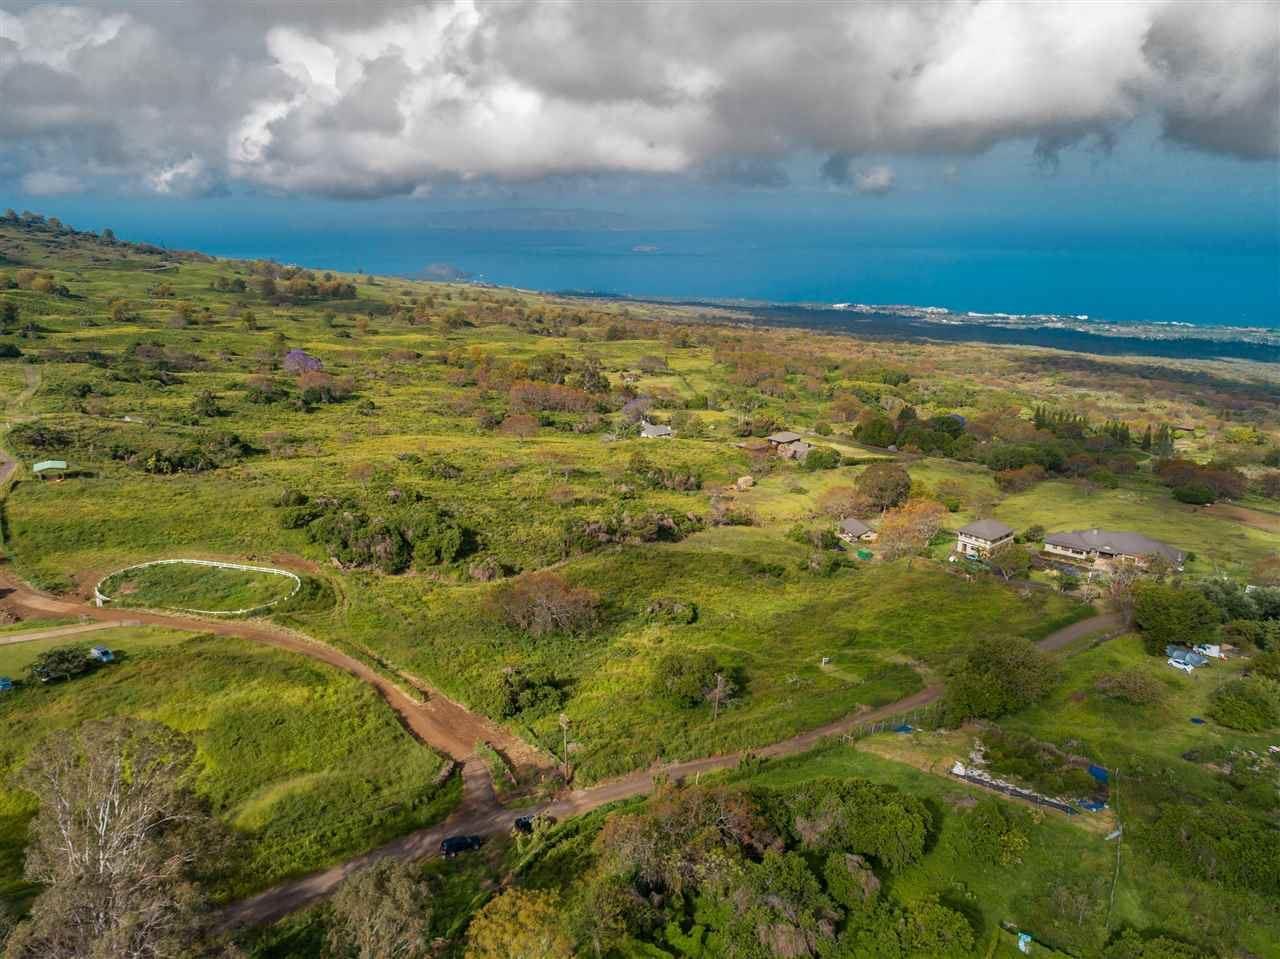 Photo of 275 Kealakapu Rd #Lot 2 Sherman Thomps, Kula, HI 96790 (MLS # 389554)